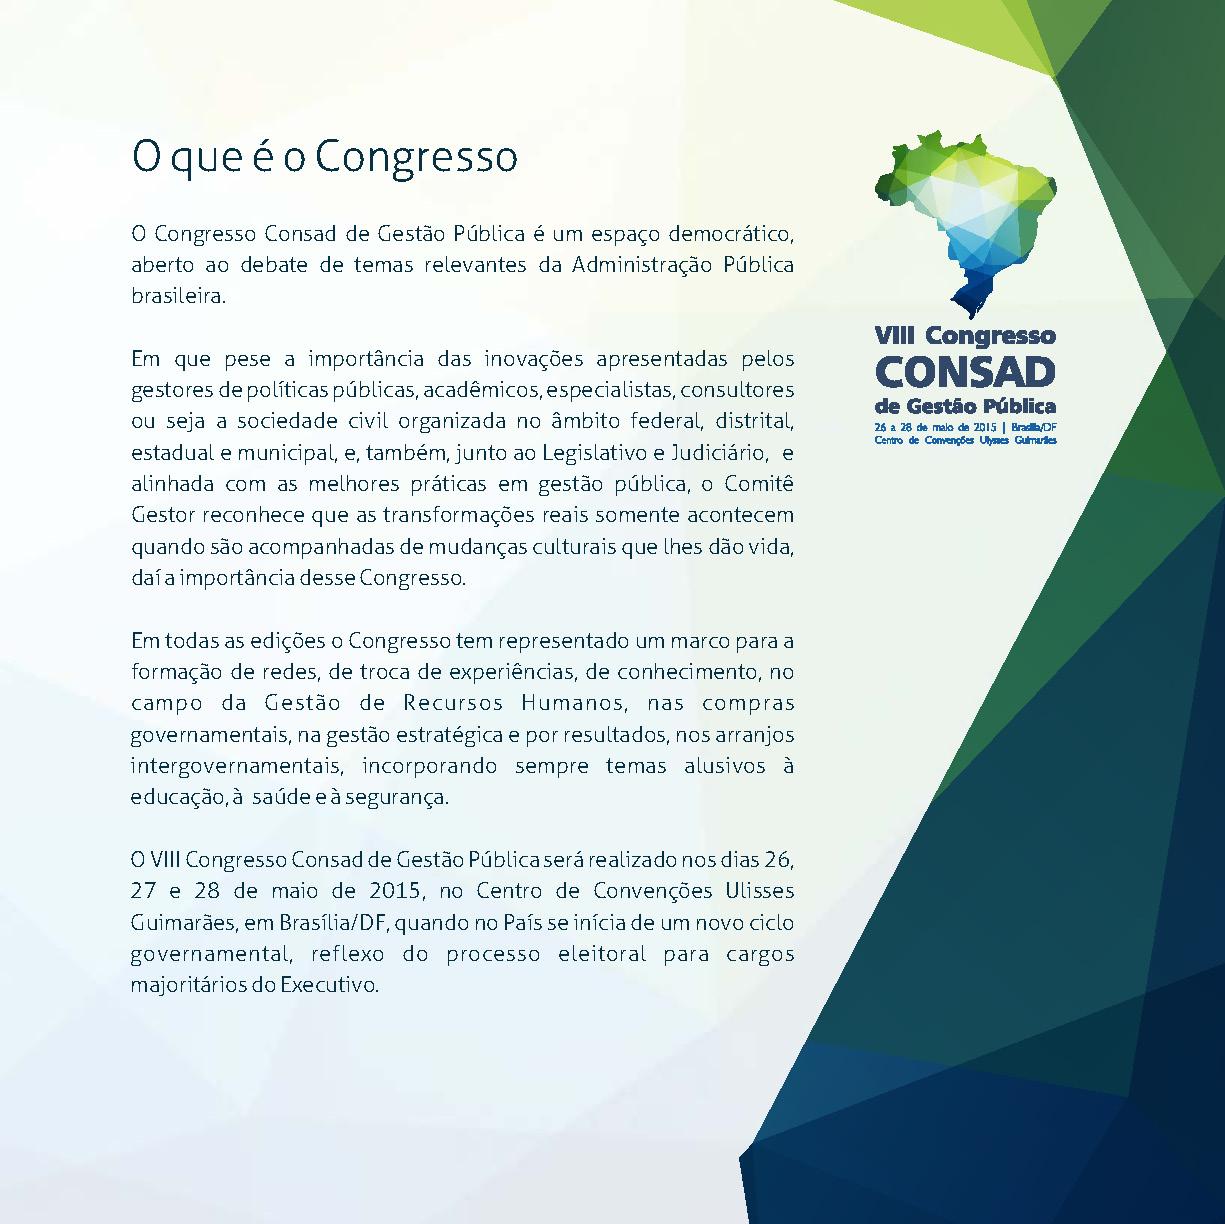 VIII Congresso Consad - Caderno Patrocinio V7_Page_05